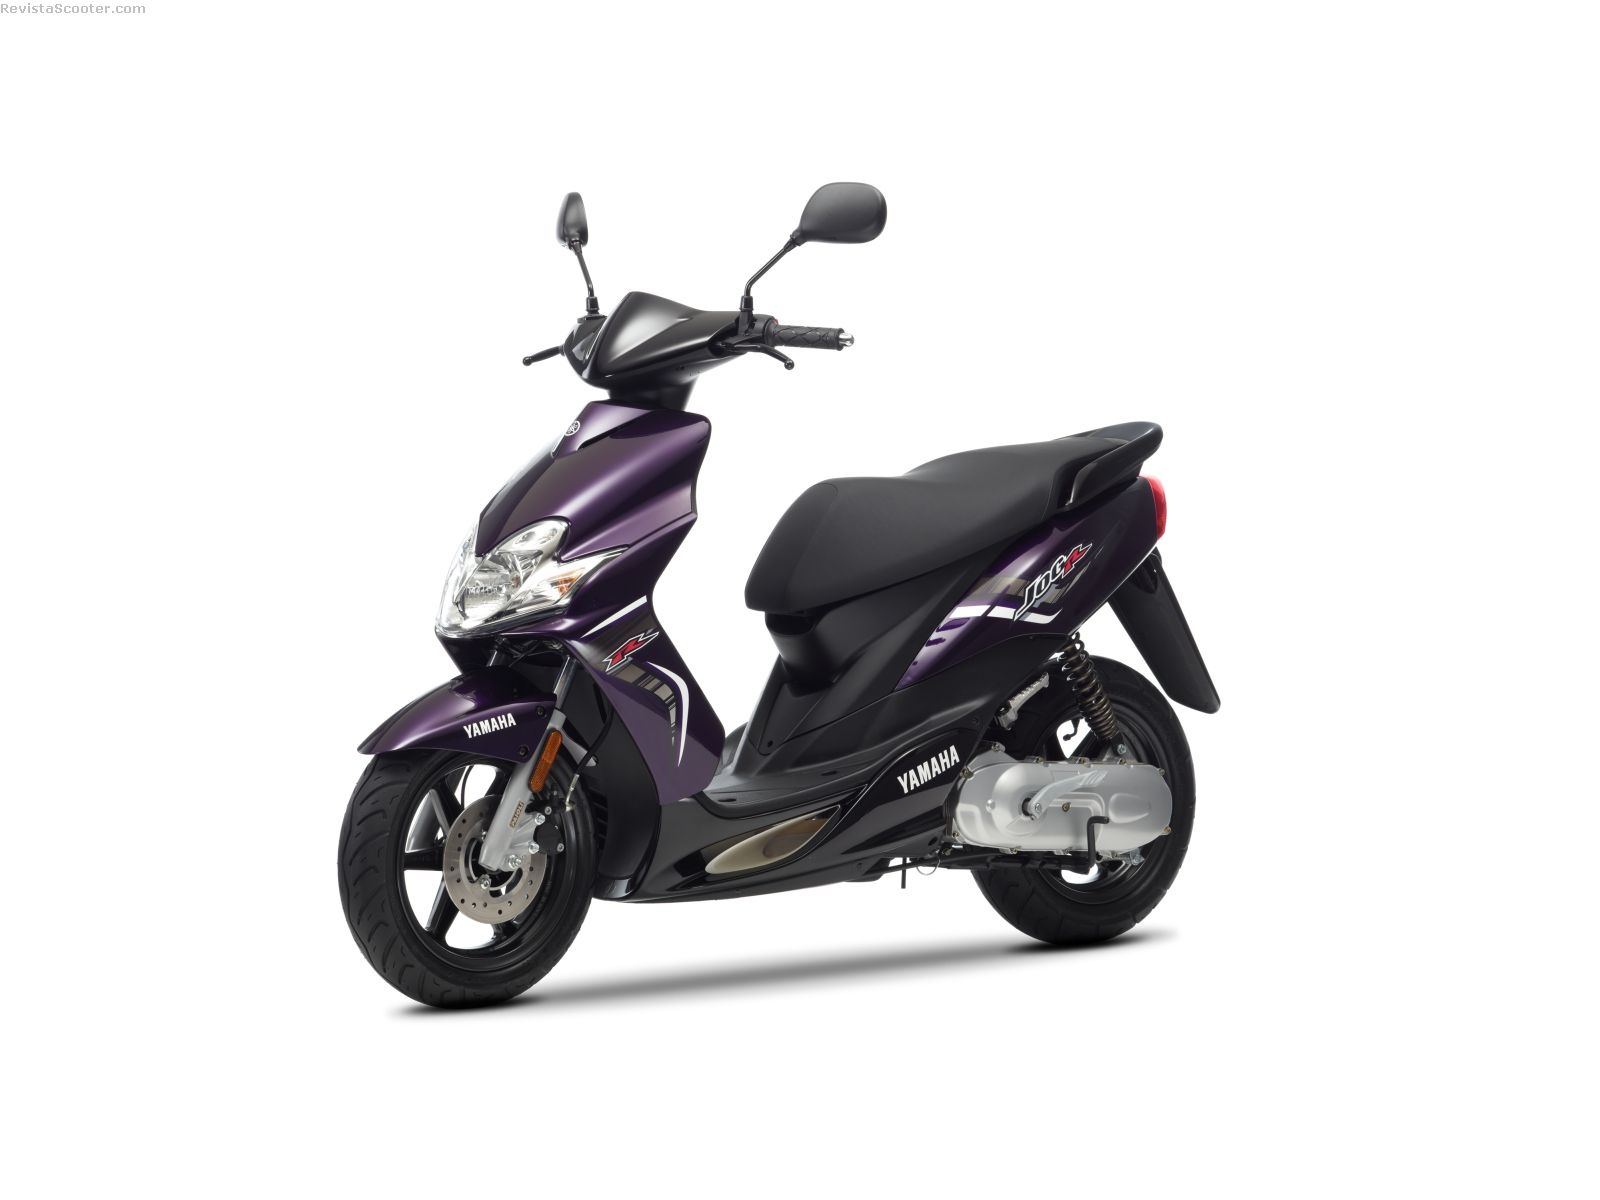 yamaha jog r scooter: